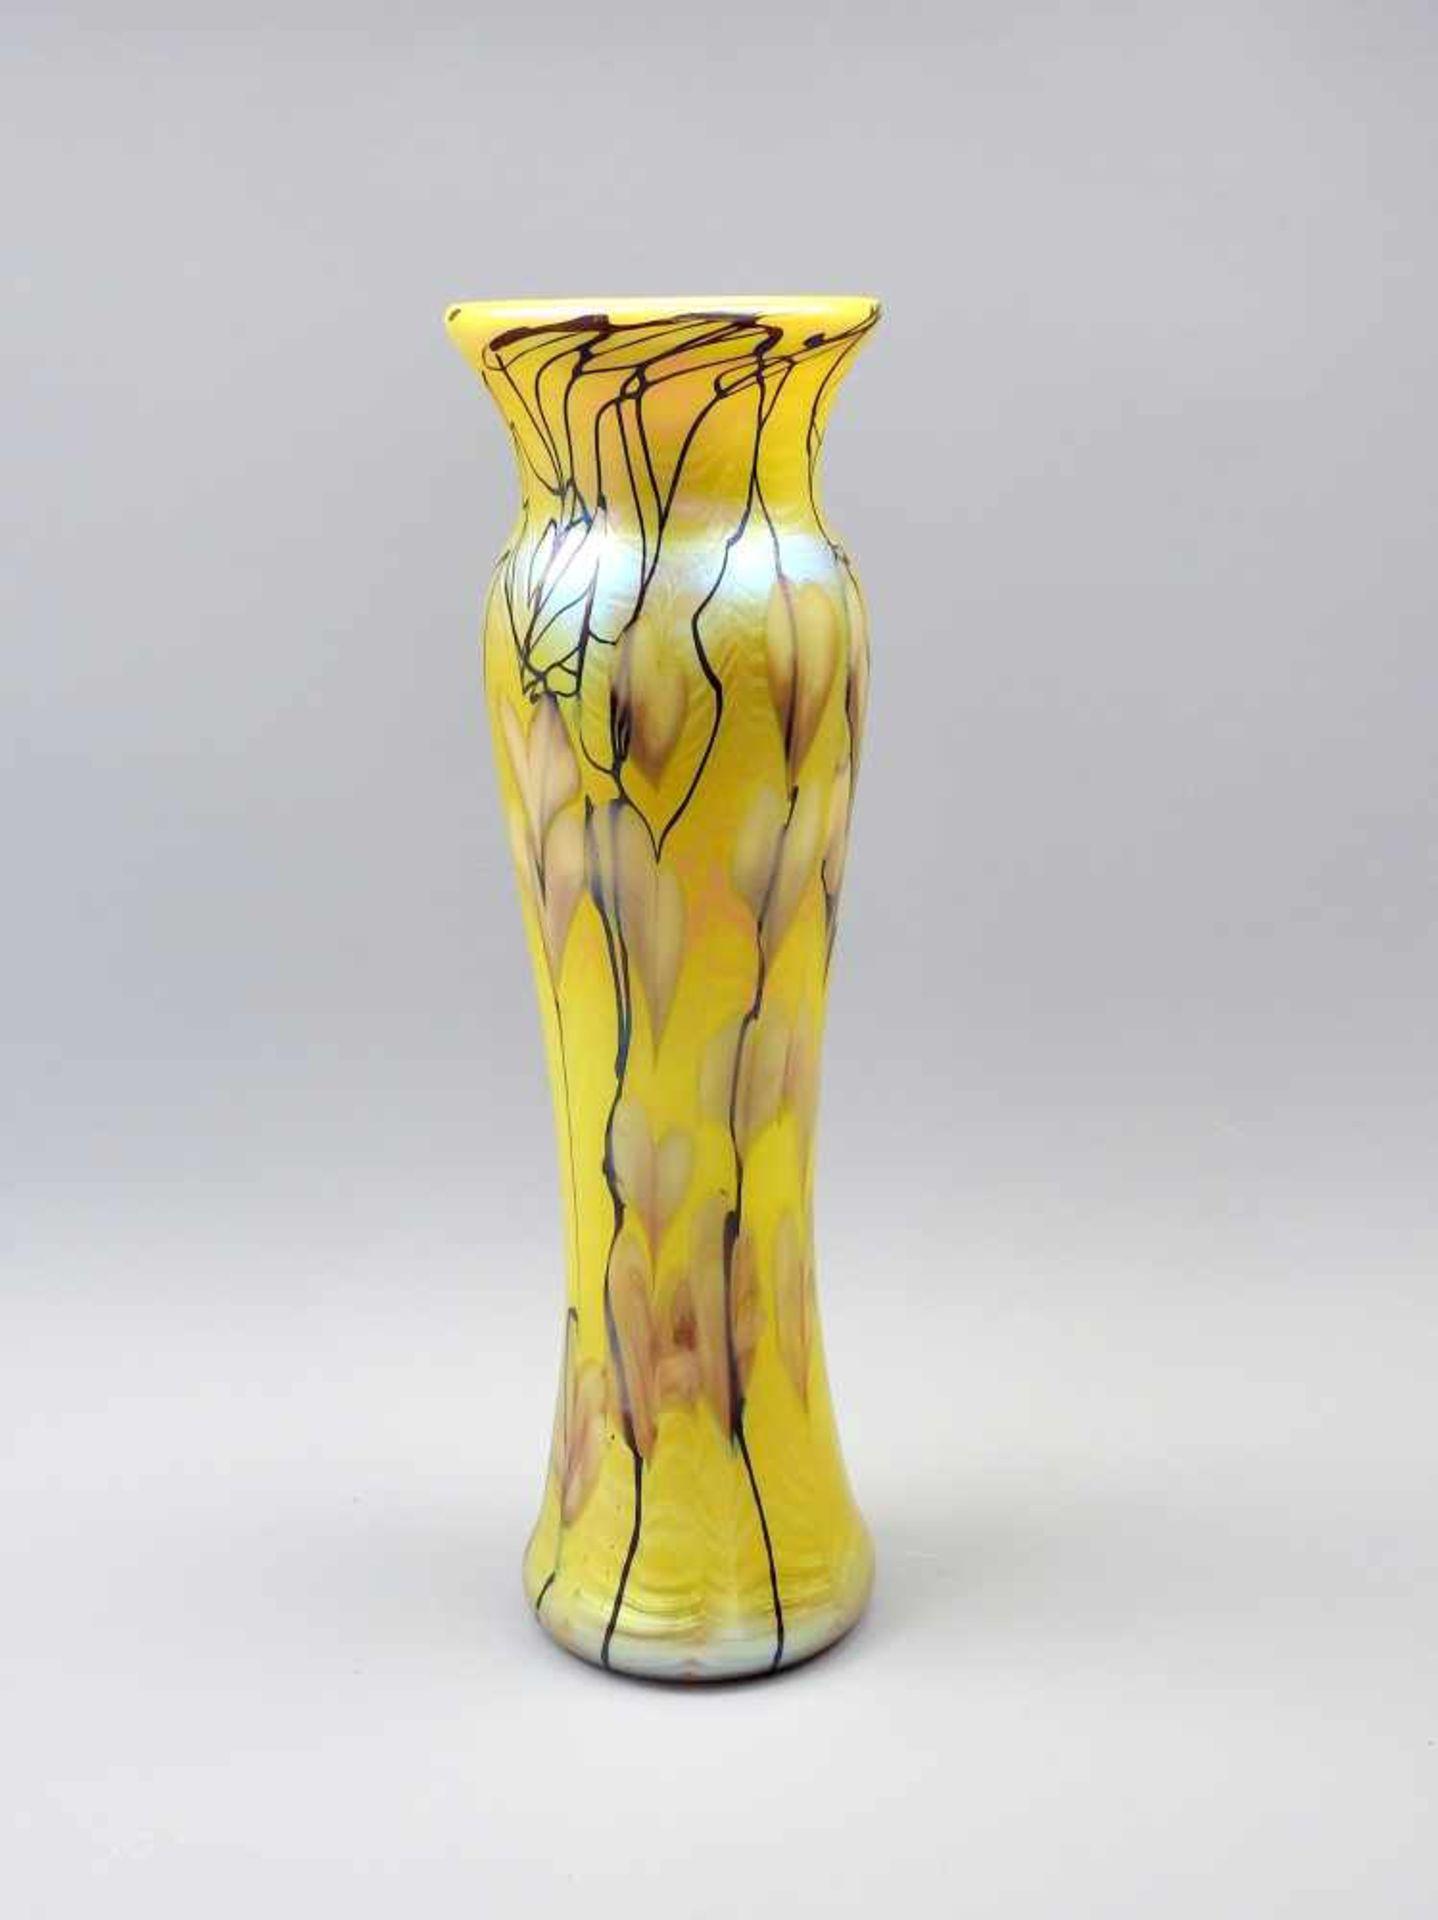 Tiffany Favrile, Goldfarbene VaseGoldenes Favrile-Glas, von dunklen organischen Linien durchzogen